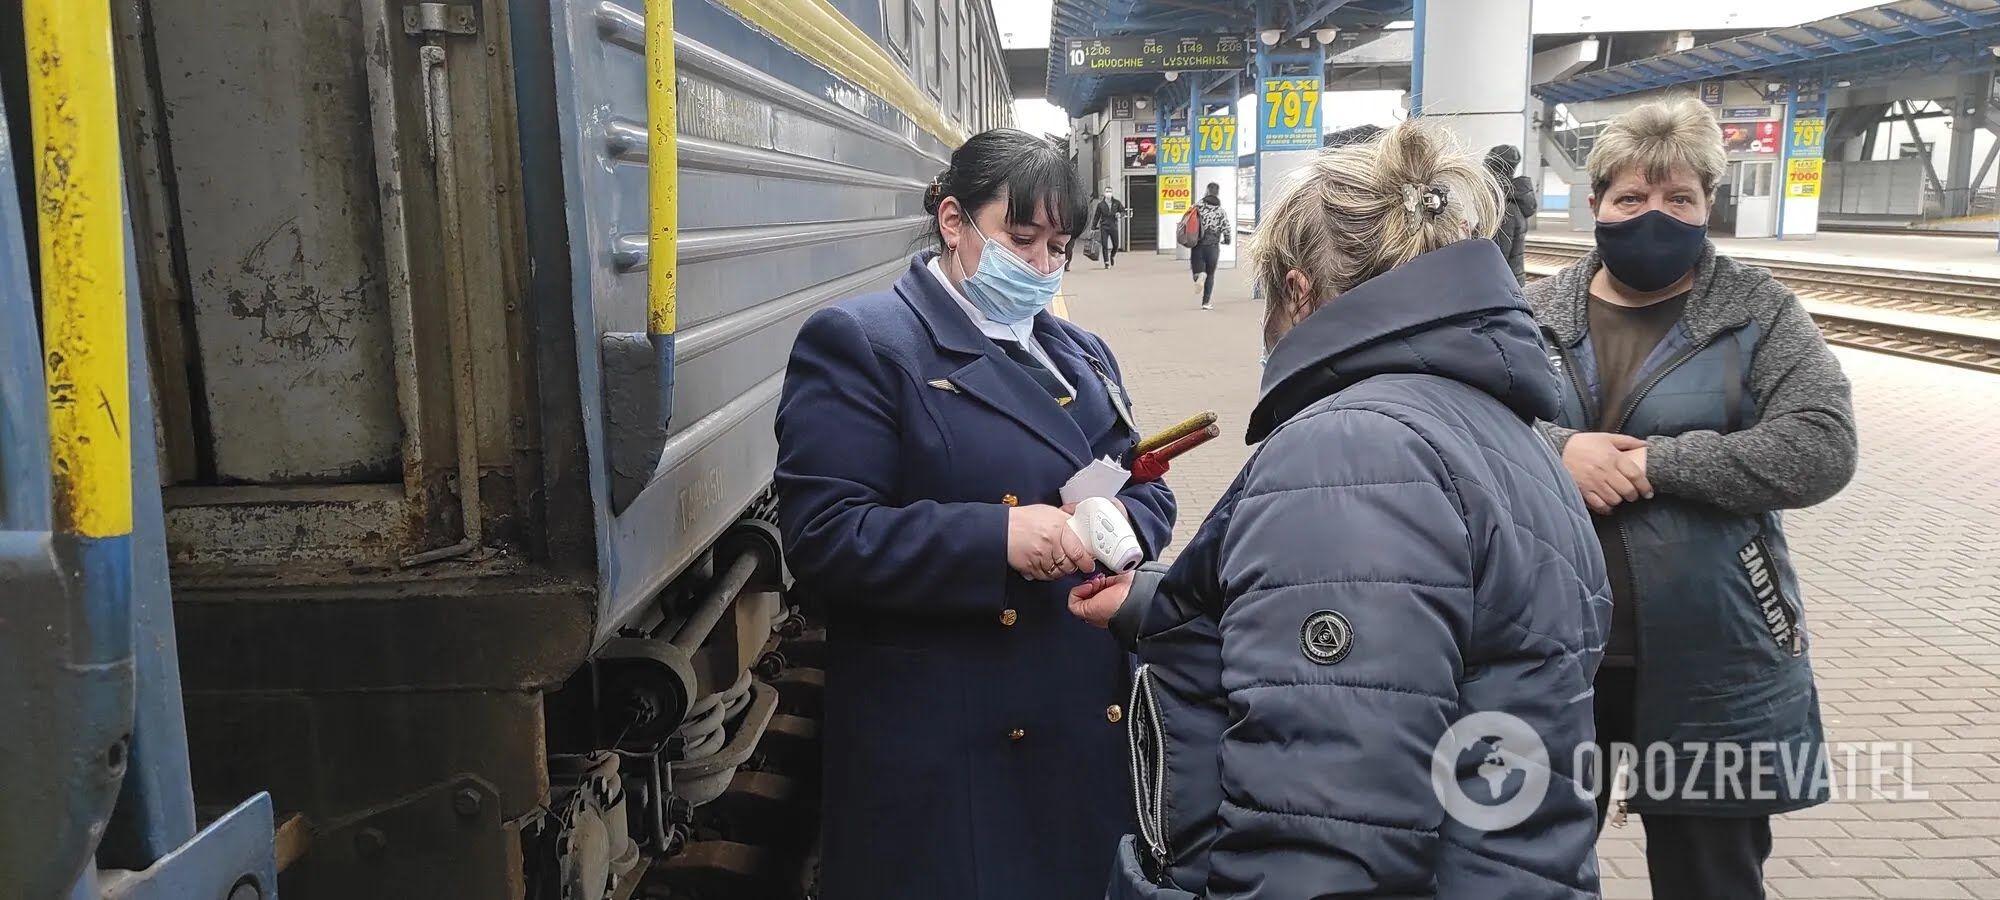 На входе в вагон пассажирам меряют температуру.